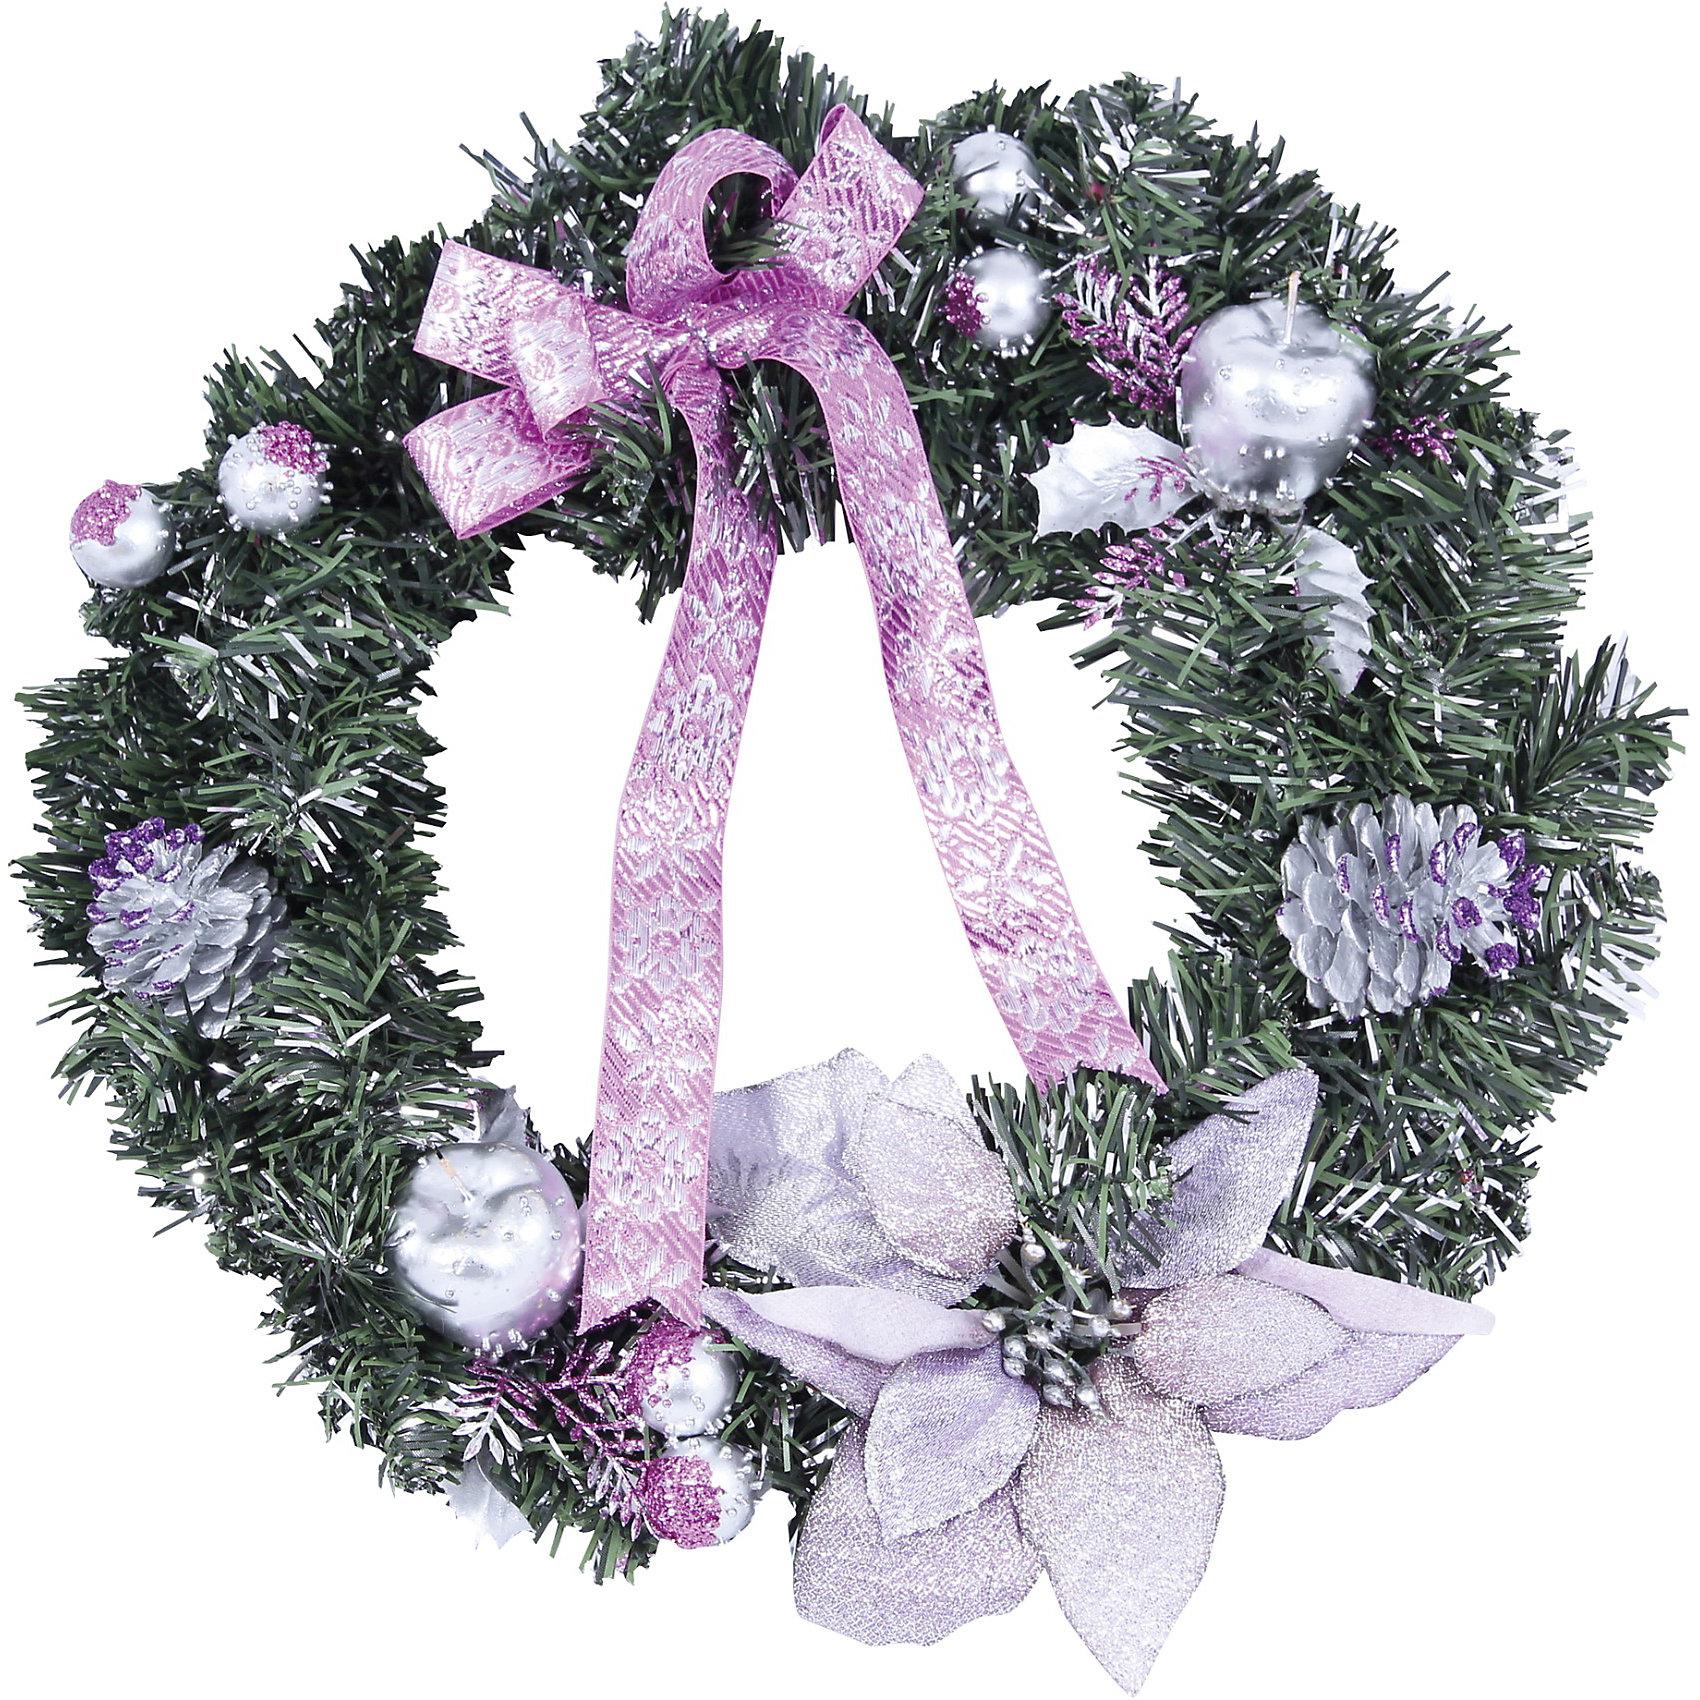 Венок рождественский, 40 см, розовые украшенияВенок рождественский, Волшебная страна станет замечательным украшением Вашего интерьера и поможет создать волшебную атмосферу новогодних и рождественских<br>праздников. Нарядный, искусно выполненный венок в виде еловых веток украшен розовыми цветами и ленточками. Венок можно повесить на двери или стены комнаты, он будет<br>чудесно смотреться и радовать детей и взрослых. <br><br>Дополнительная информация:<br><br>- Цвет украшений: розовый.<br>- Диаметр венка: 40 см.<br>- Вес: 0,363 кг. <br><br>Венок рождественский, Волшебная страна можно купить в нашем интернет-магазине.<br><br>Ширина мм: 660<br>Глубина мм: 380<br>Высота мм: 100<br>Вес г: 363<br>Возраст от месяцев: 60<br>Возраст до месяцев: 180<br>Пол: Унисекс<br>Возраст: Детский<br>SKU: 3791299